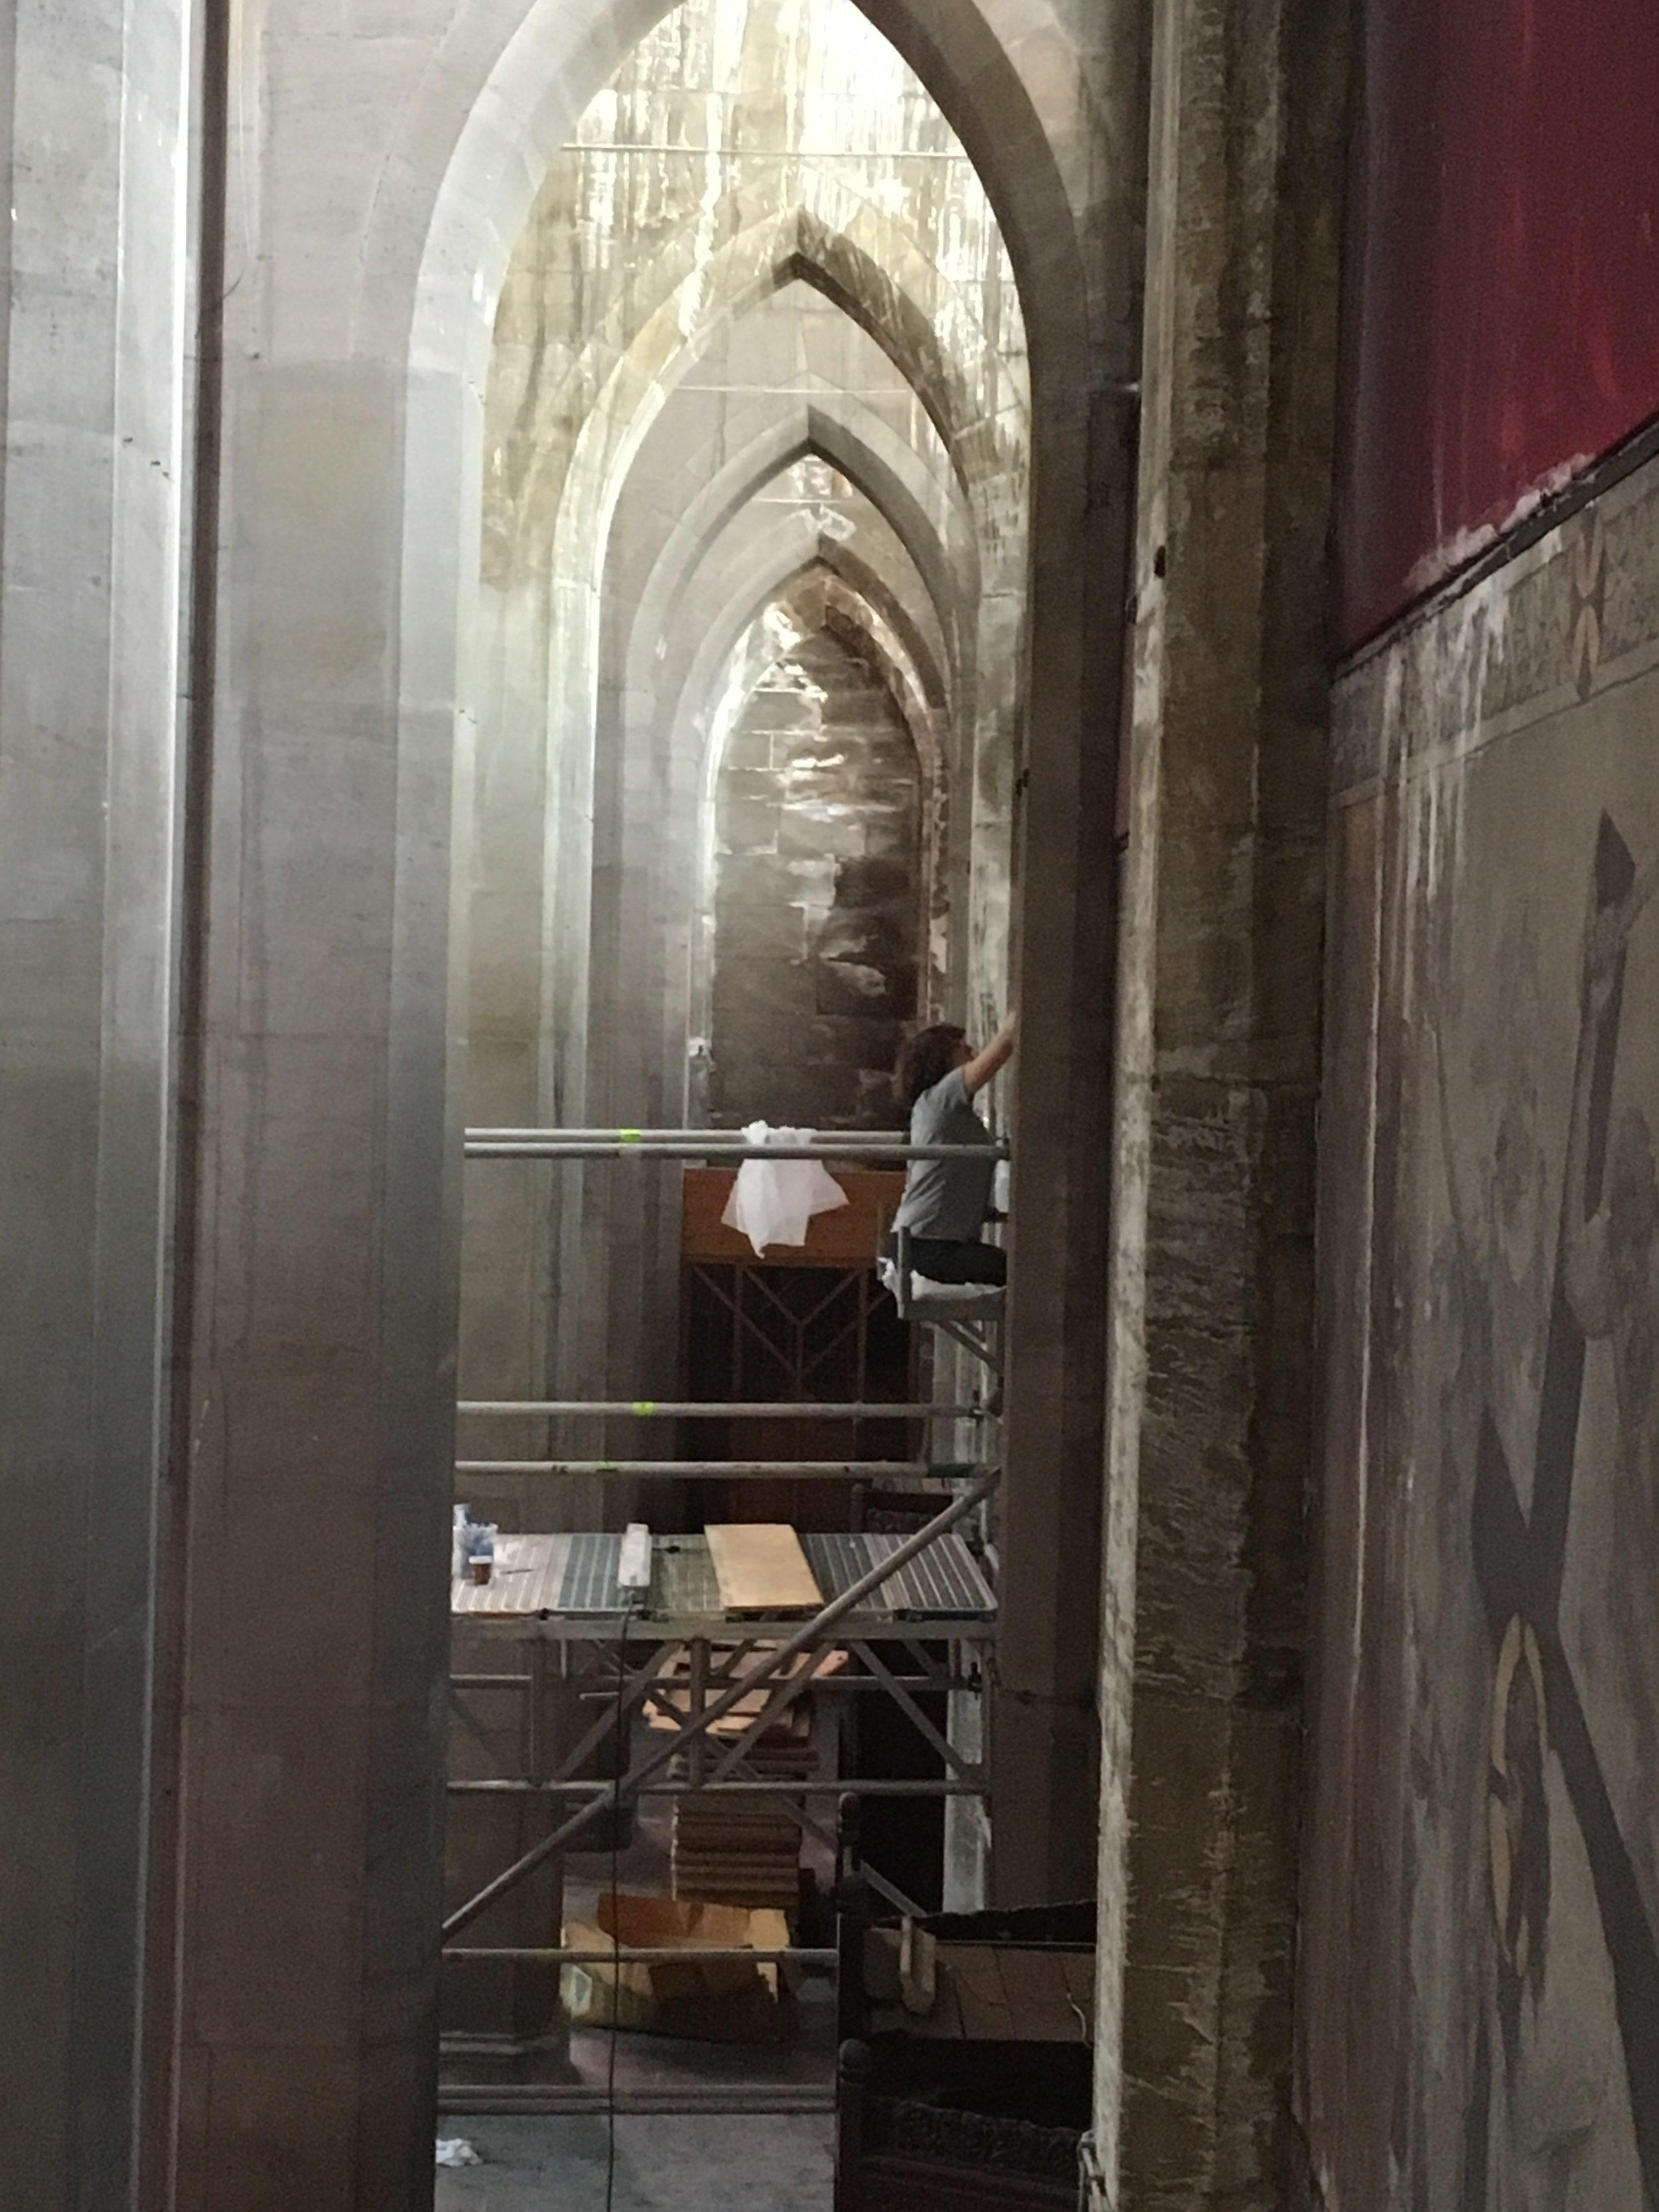 Restauration de peintures murales, Belgique